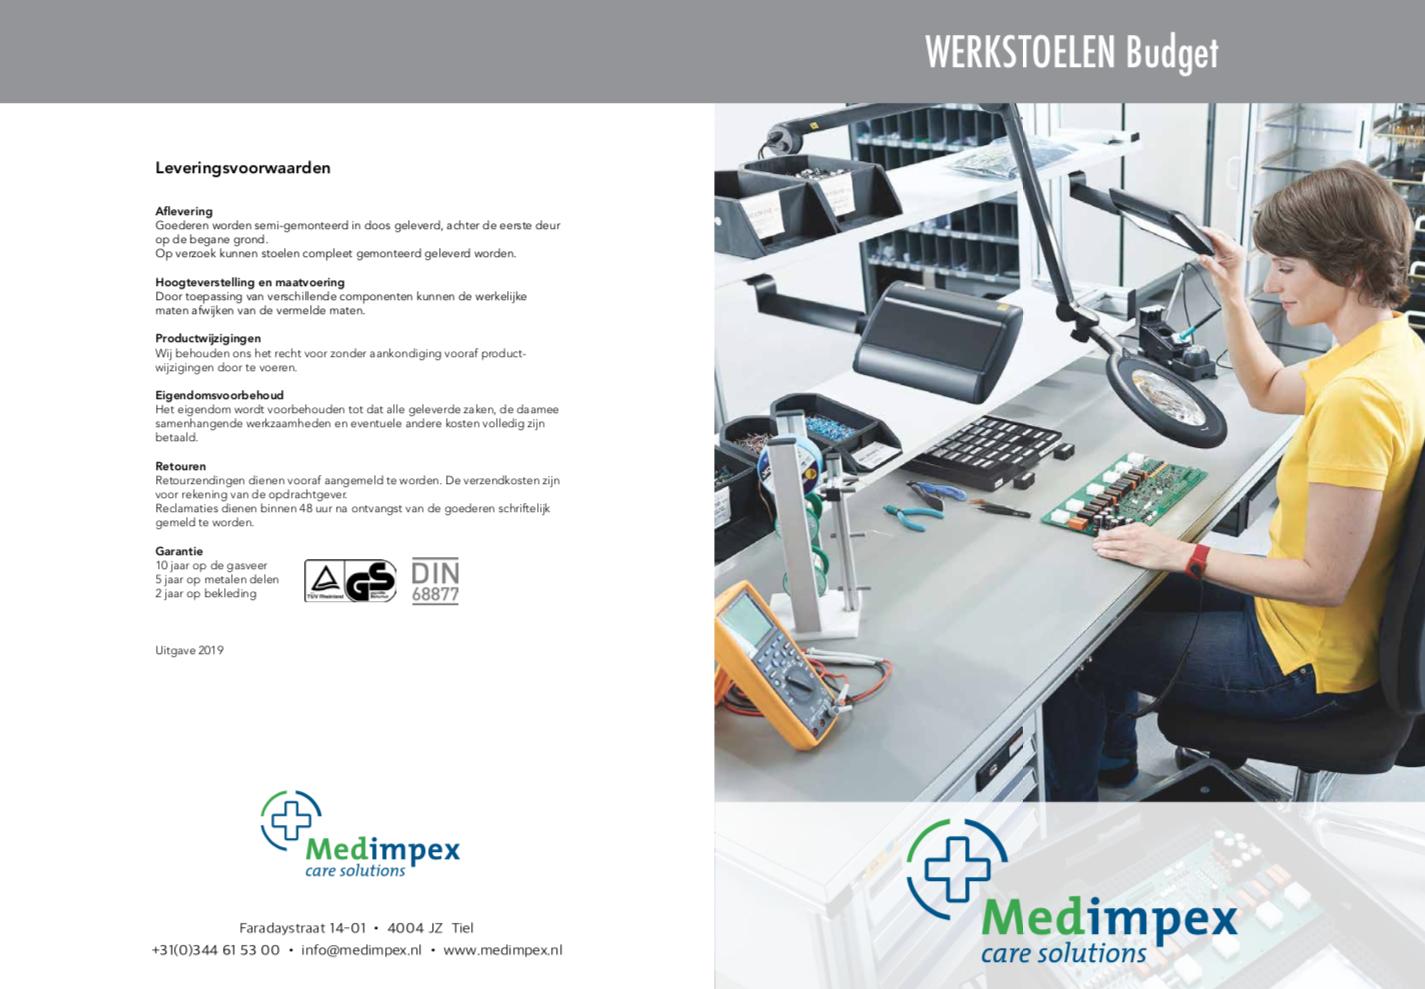 Medimpex Werkstoelen - 1